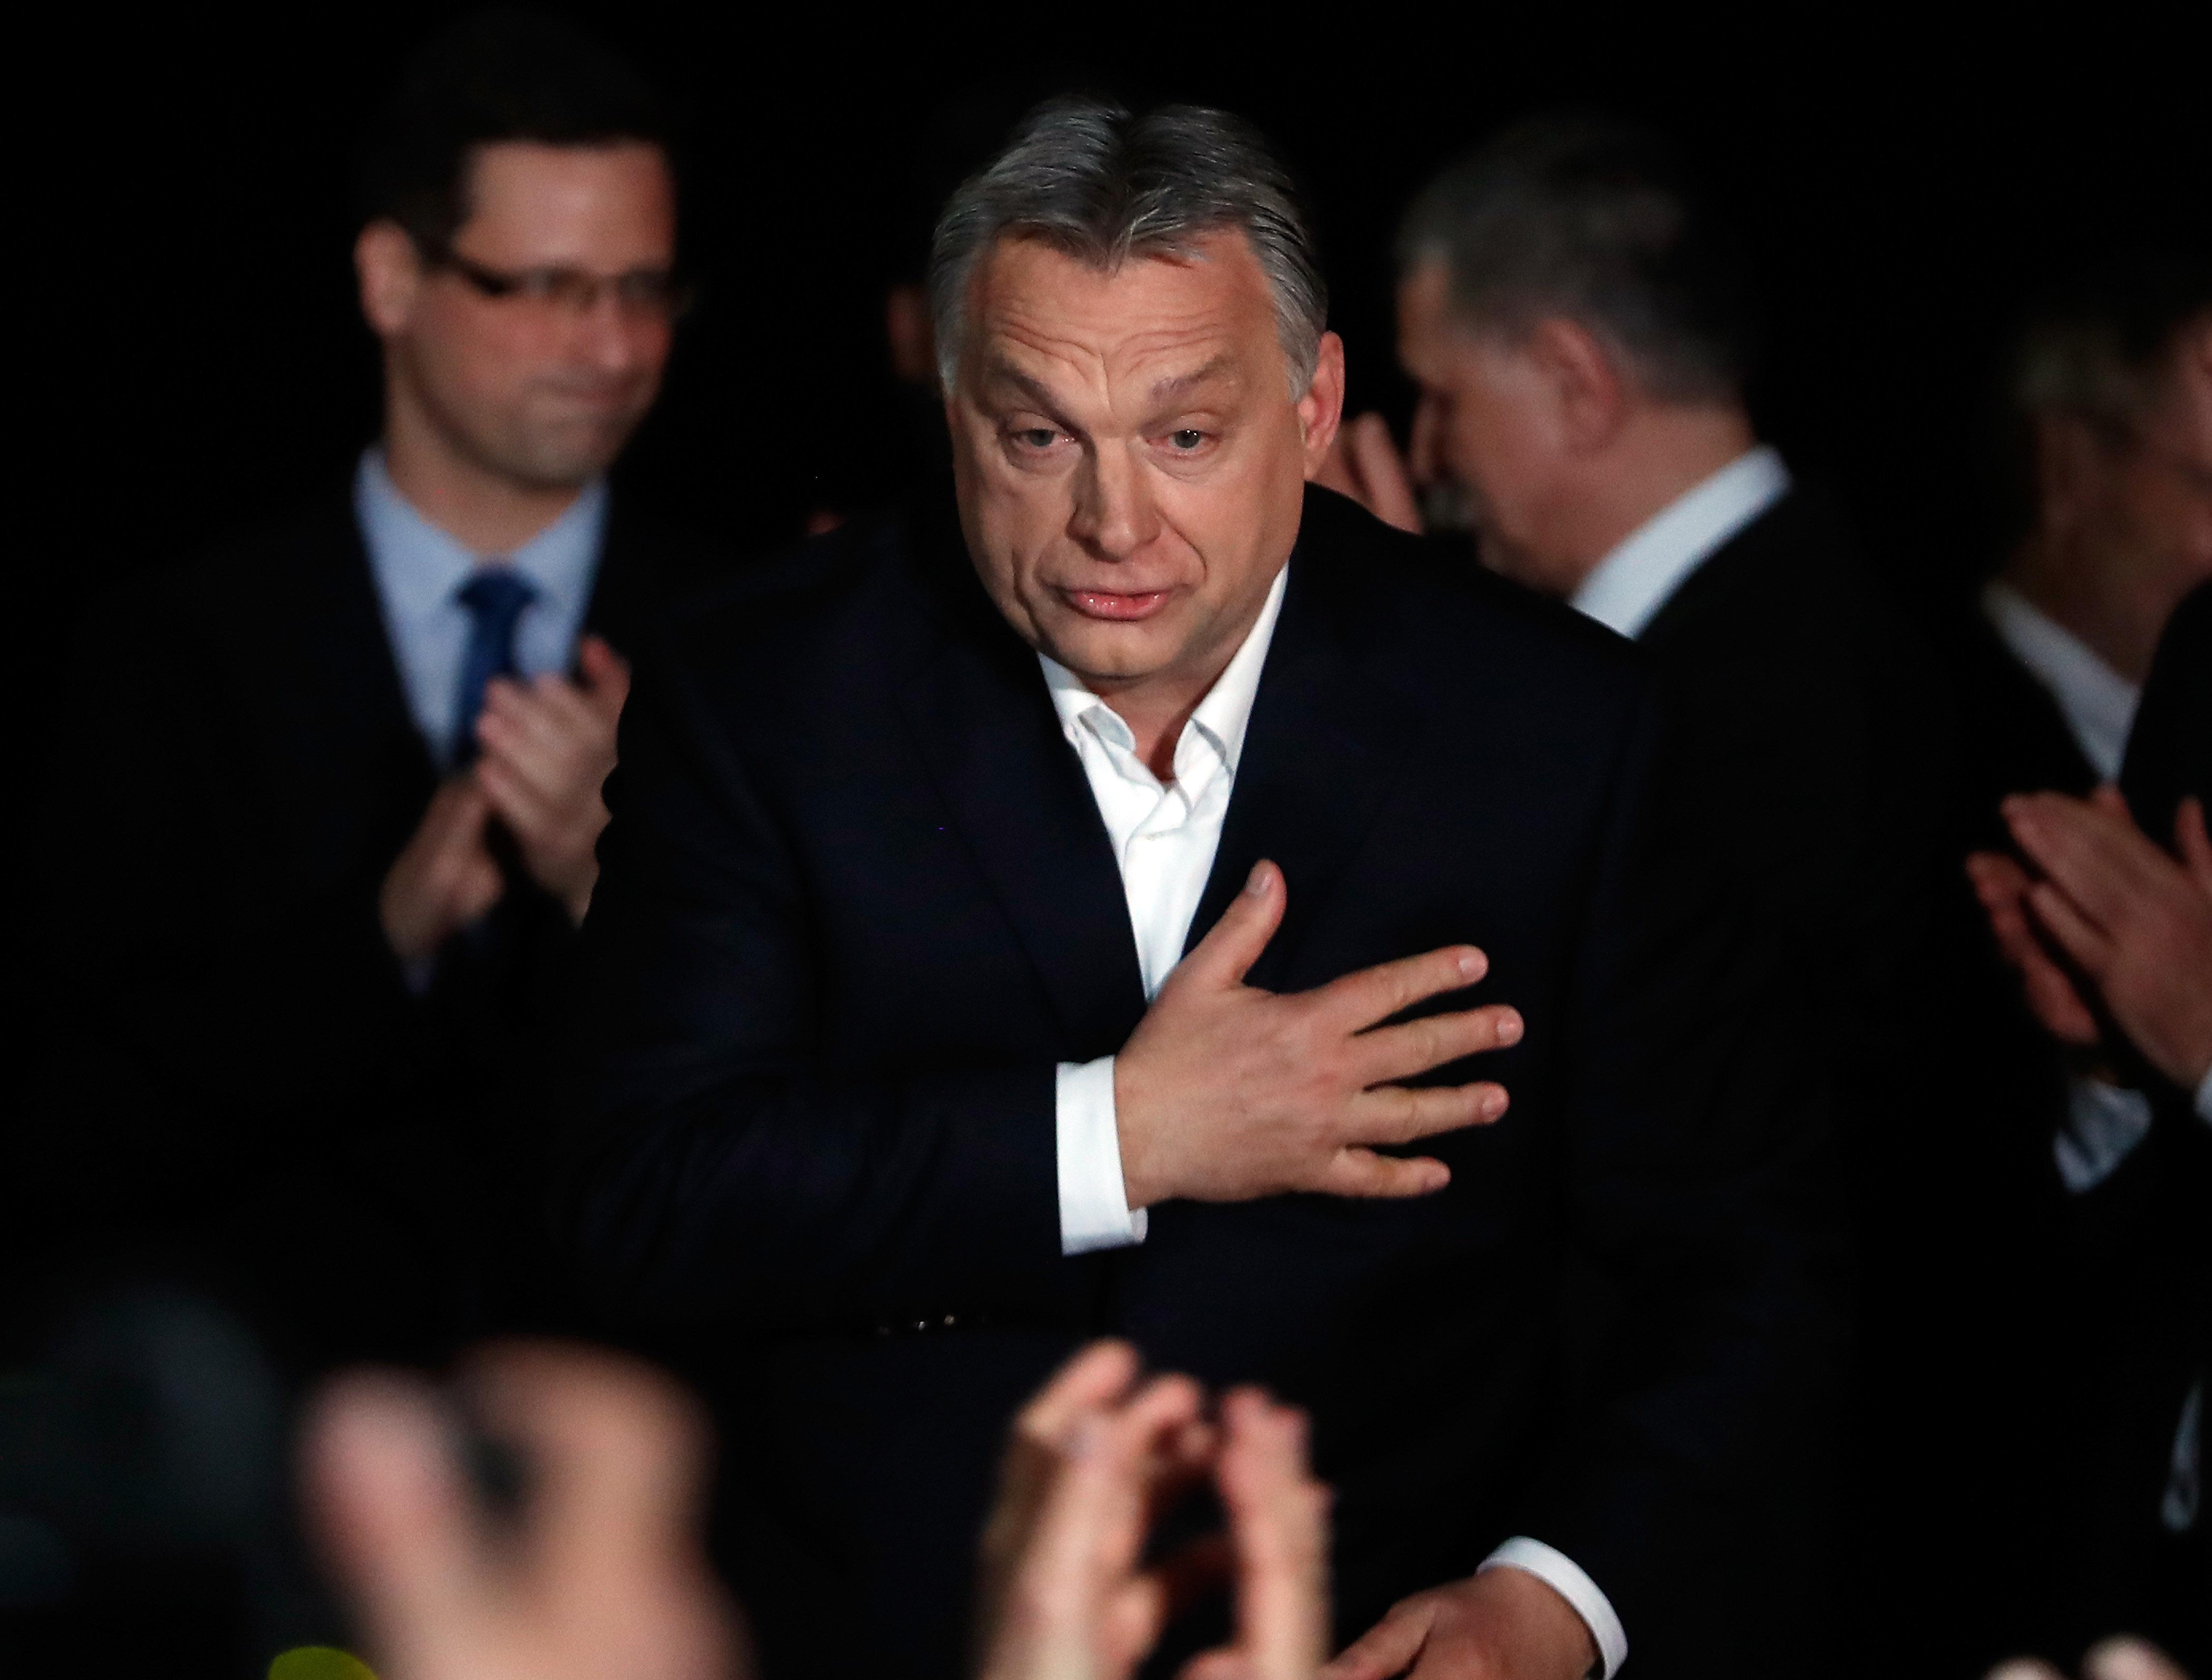 Σάρωσε ο Όρμπαν στις εκλογές στην Ουγγαρία. Κέρδισε κοινοβουλευτική πλειοψηφία που του δίνει «λευκή